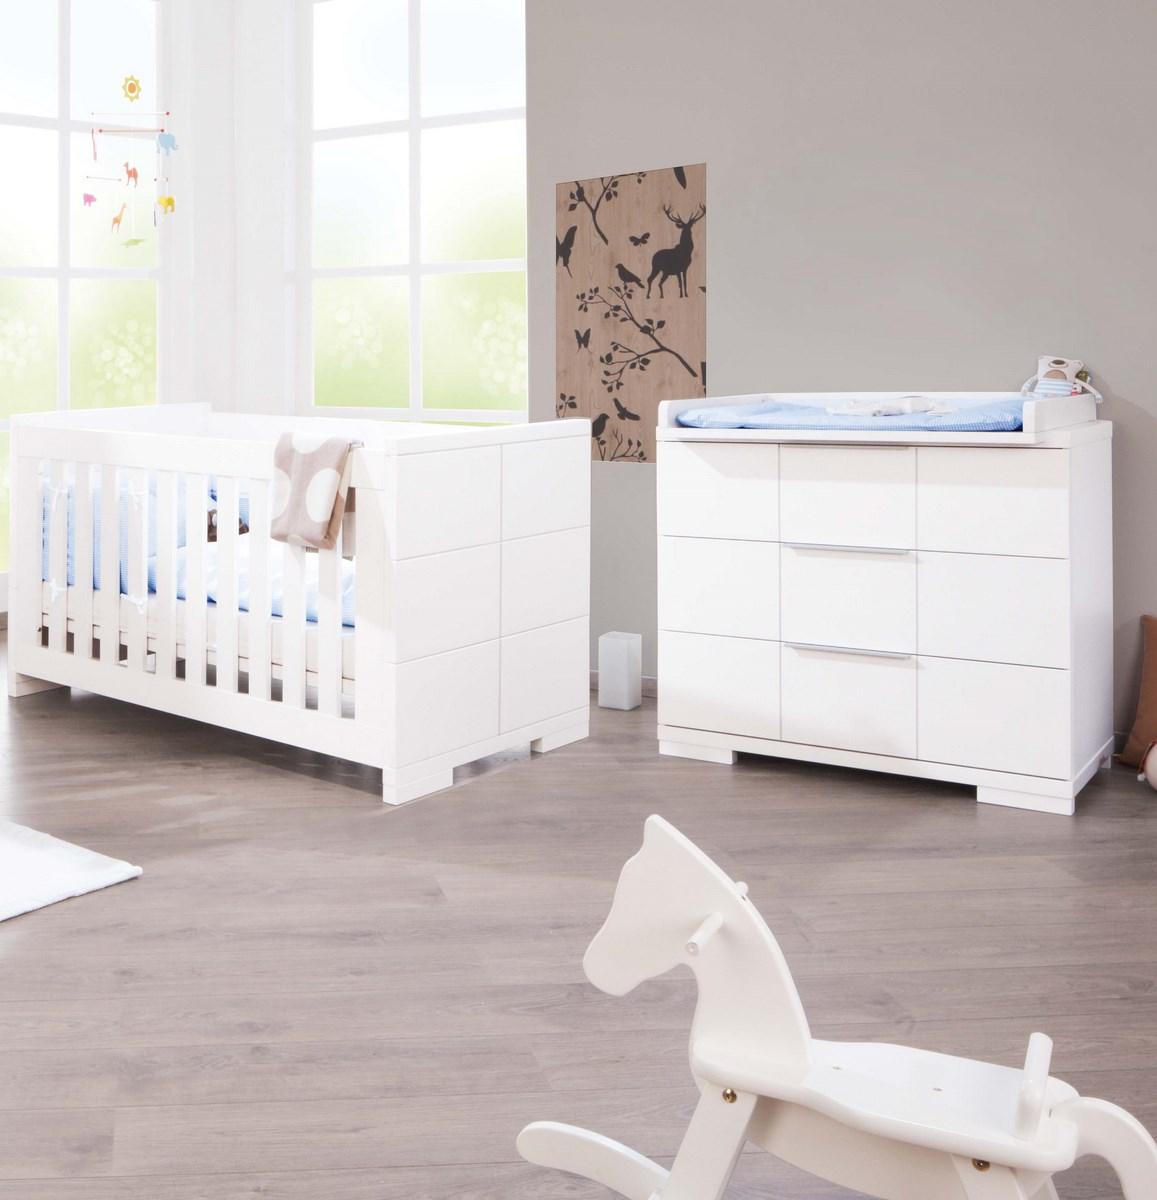 Chambre bébé commode - Idées de tricot gratuit